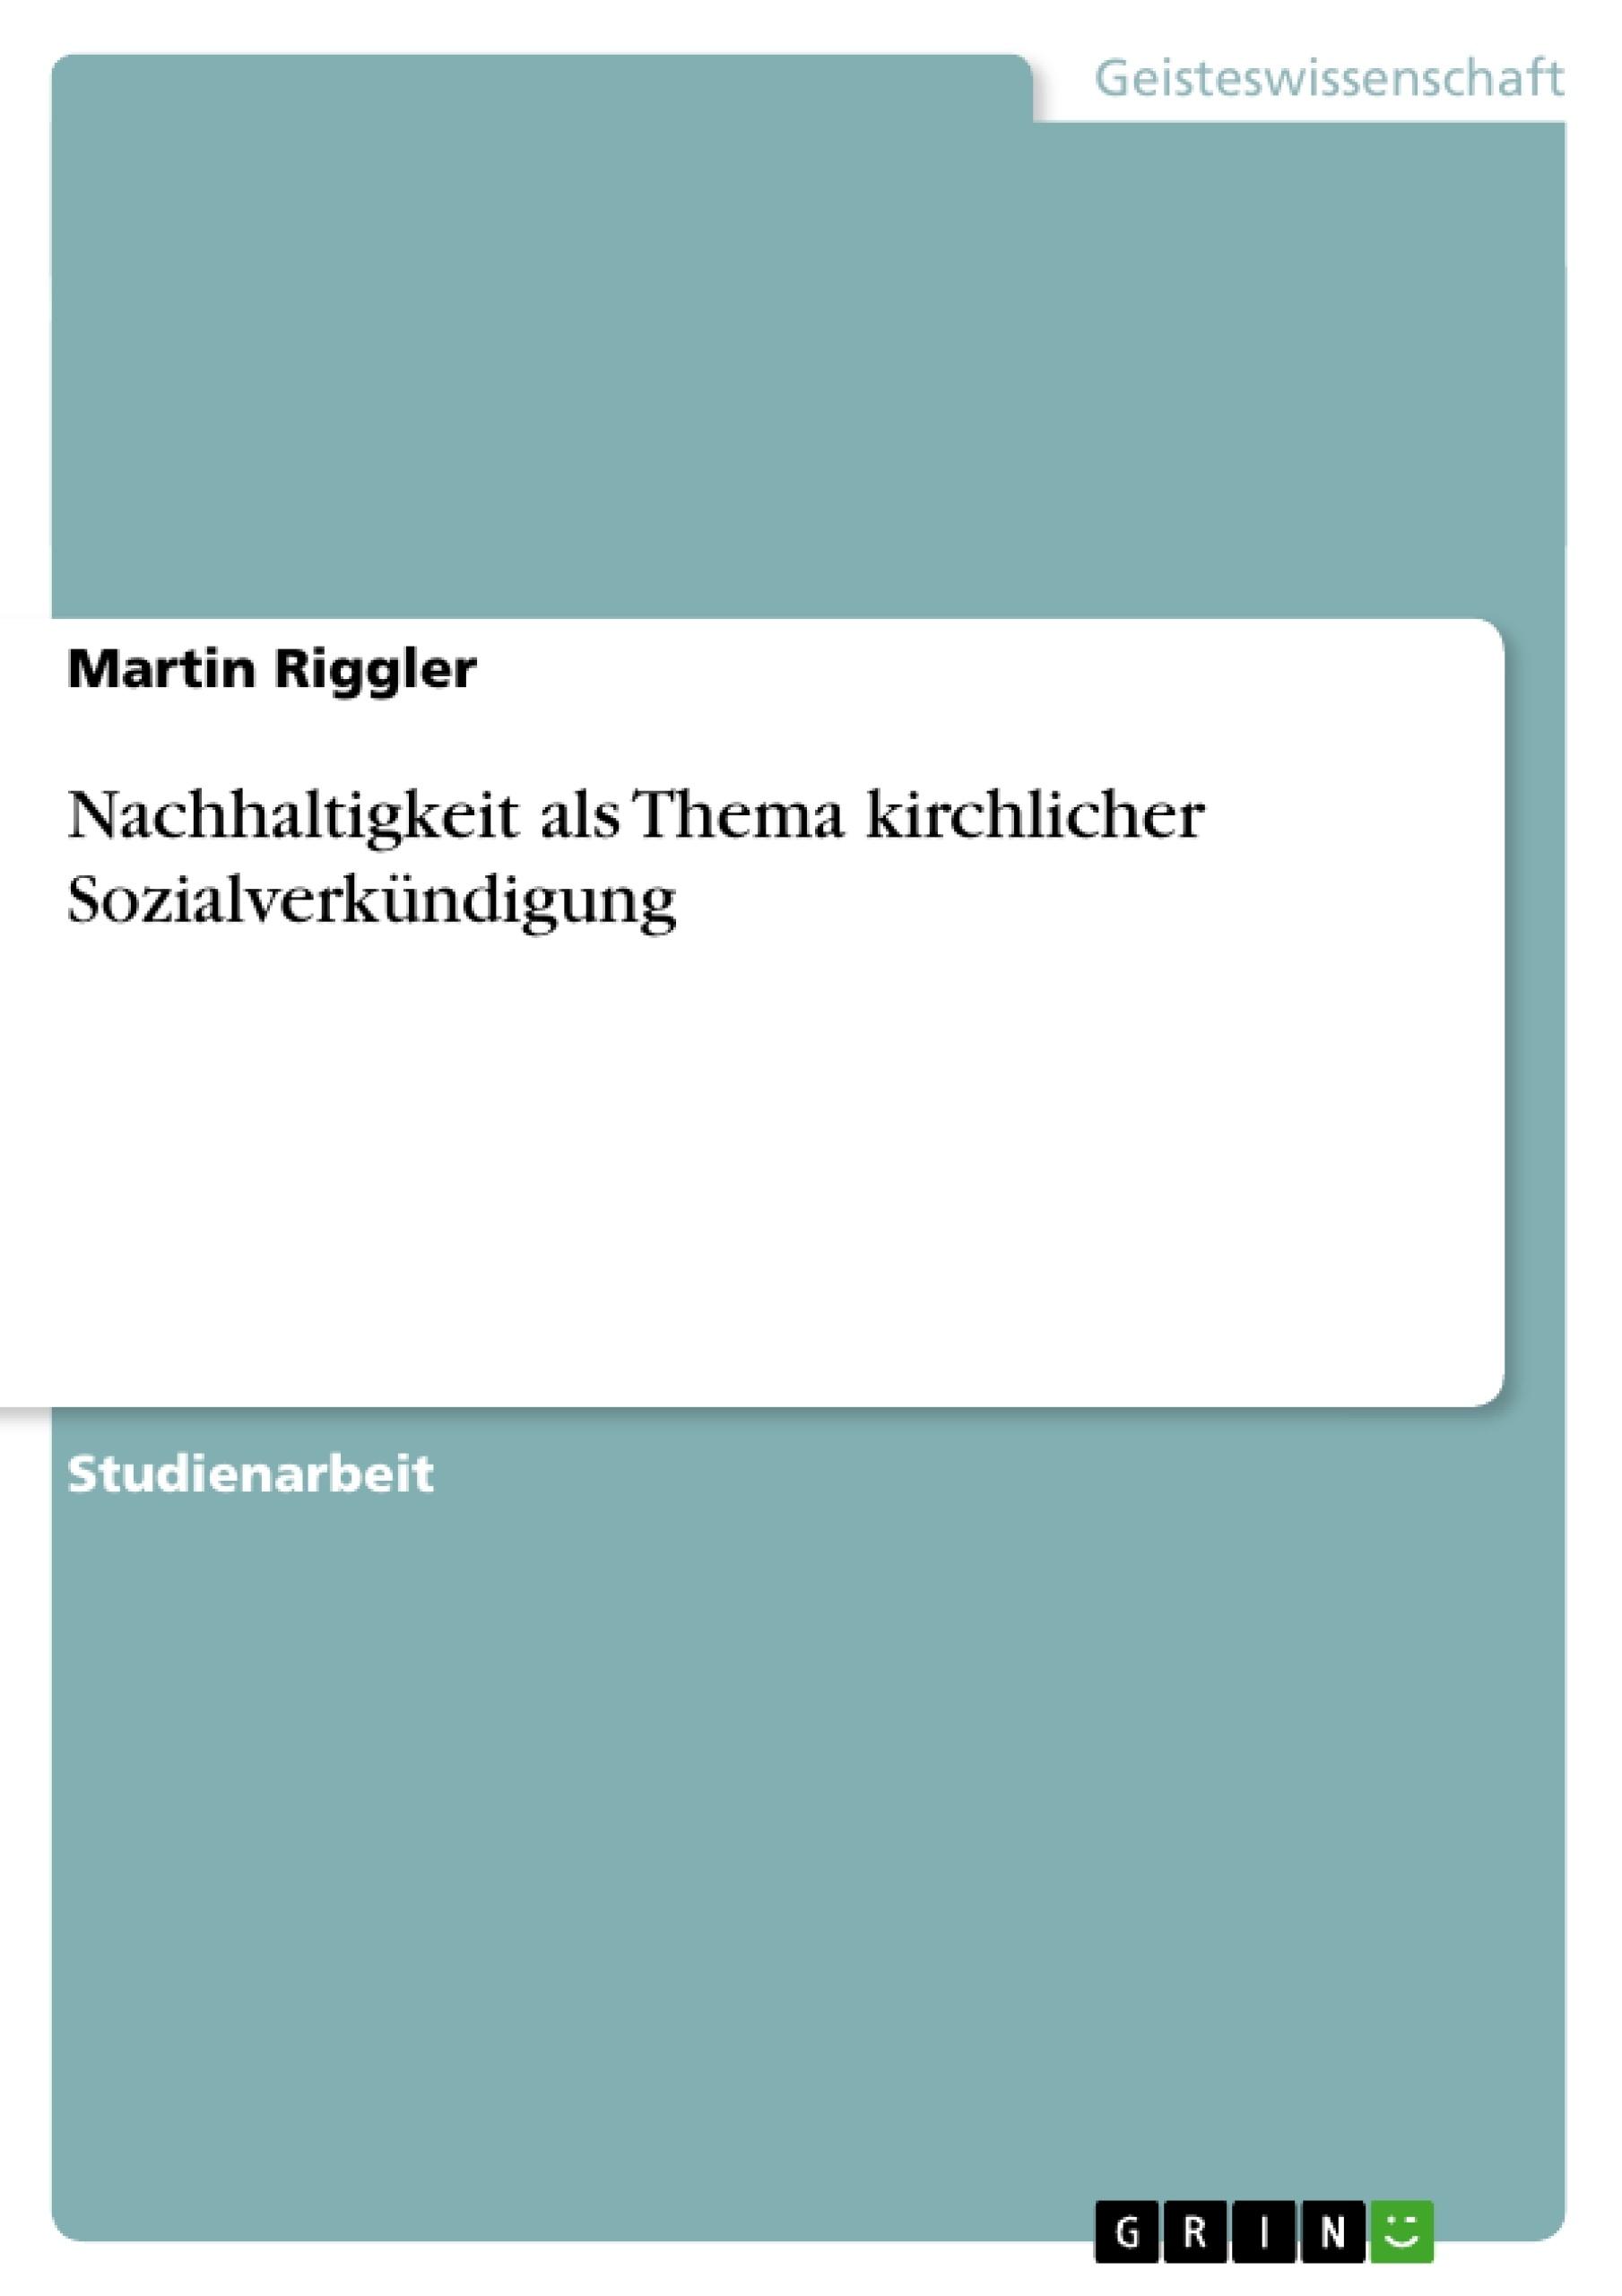 Titel: Nachhaltigkeit als Thema kirchlicher Sozialverkündigung